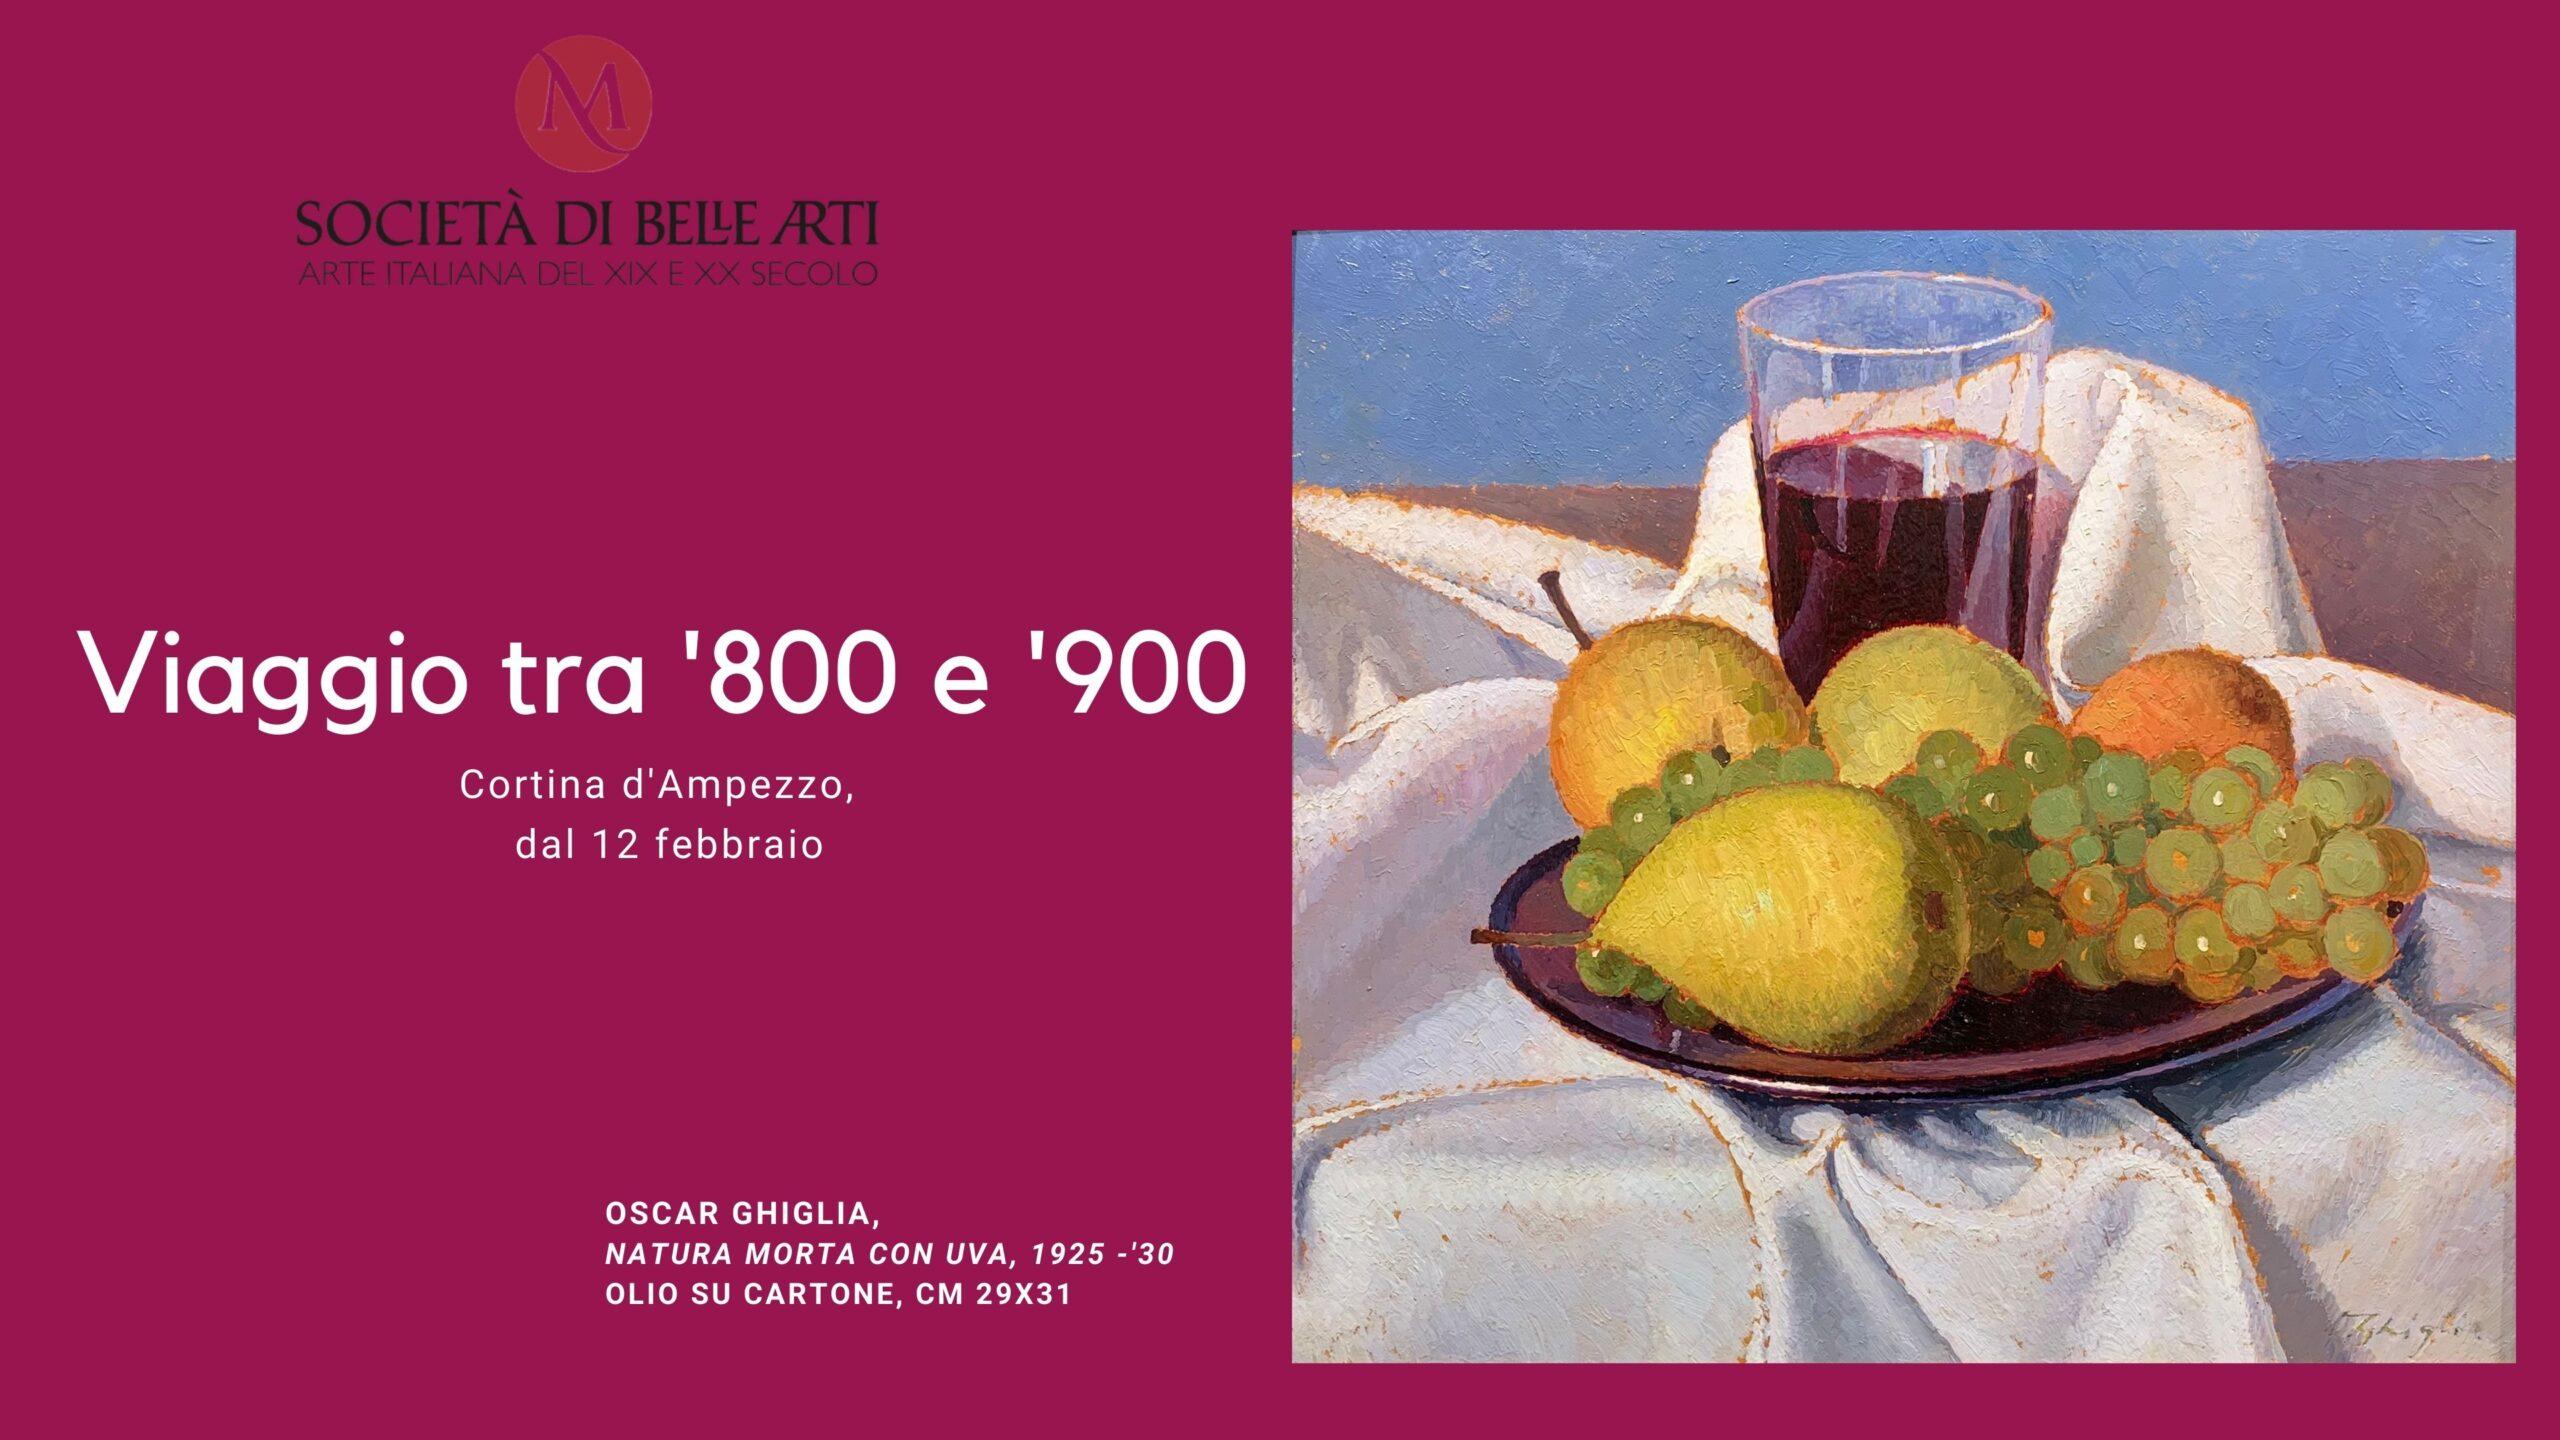 Oscar Ghiglia Vendita dipinti 800 e 900